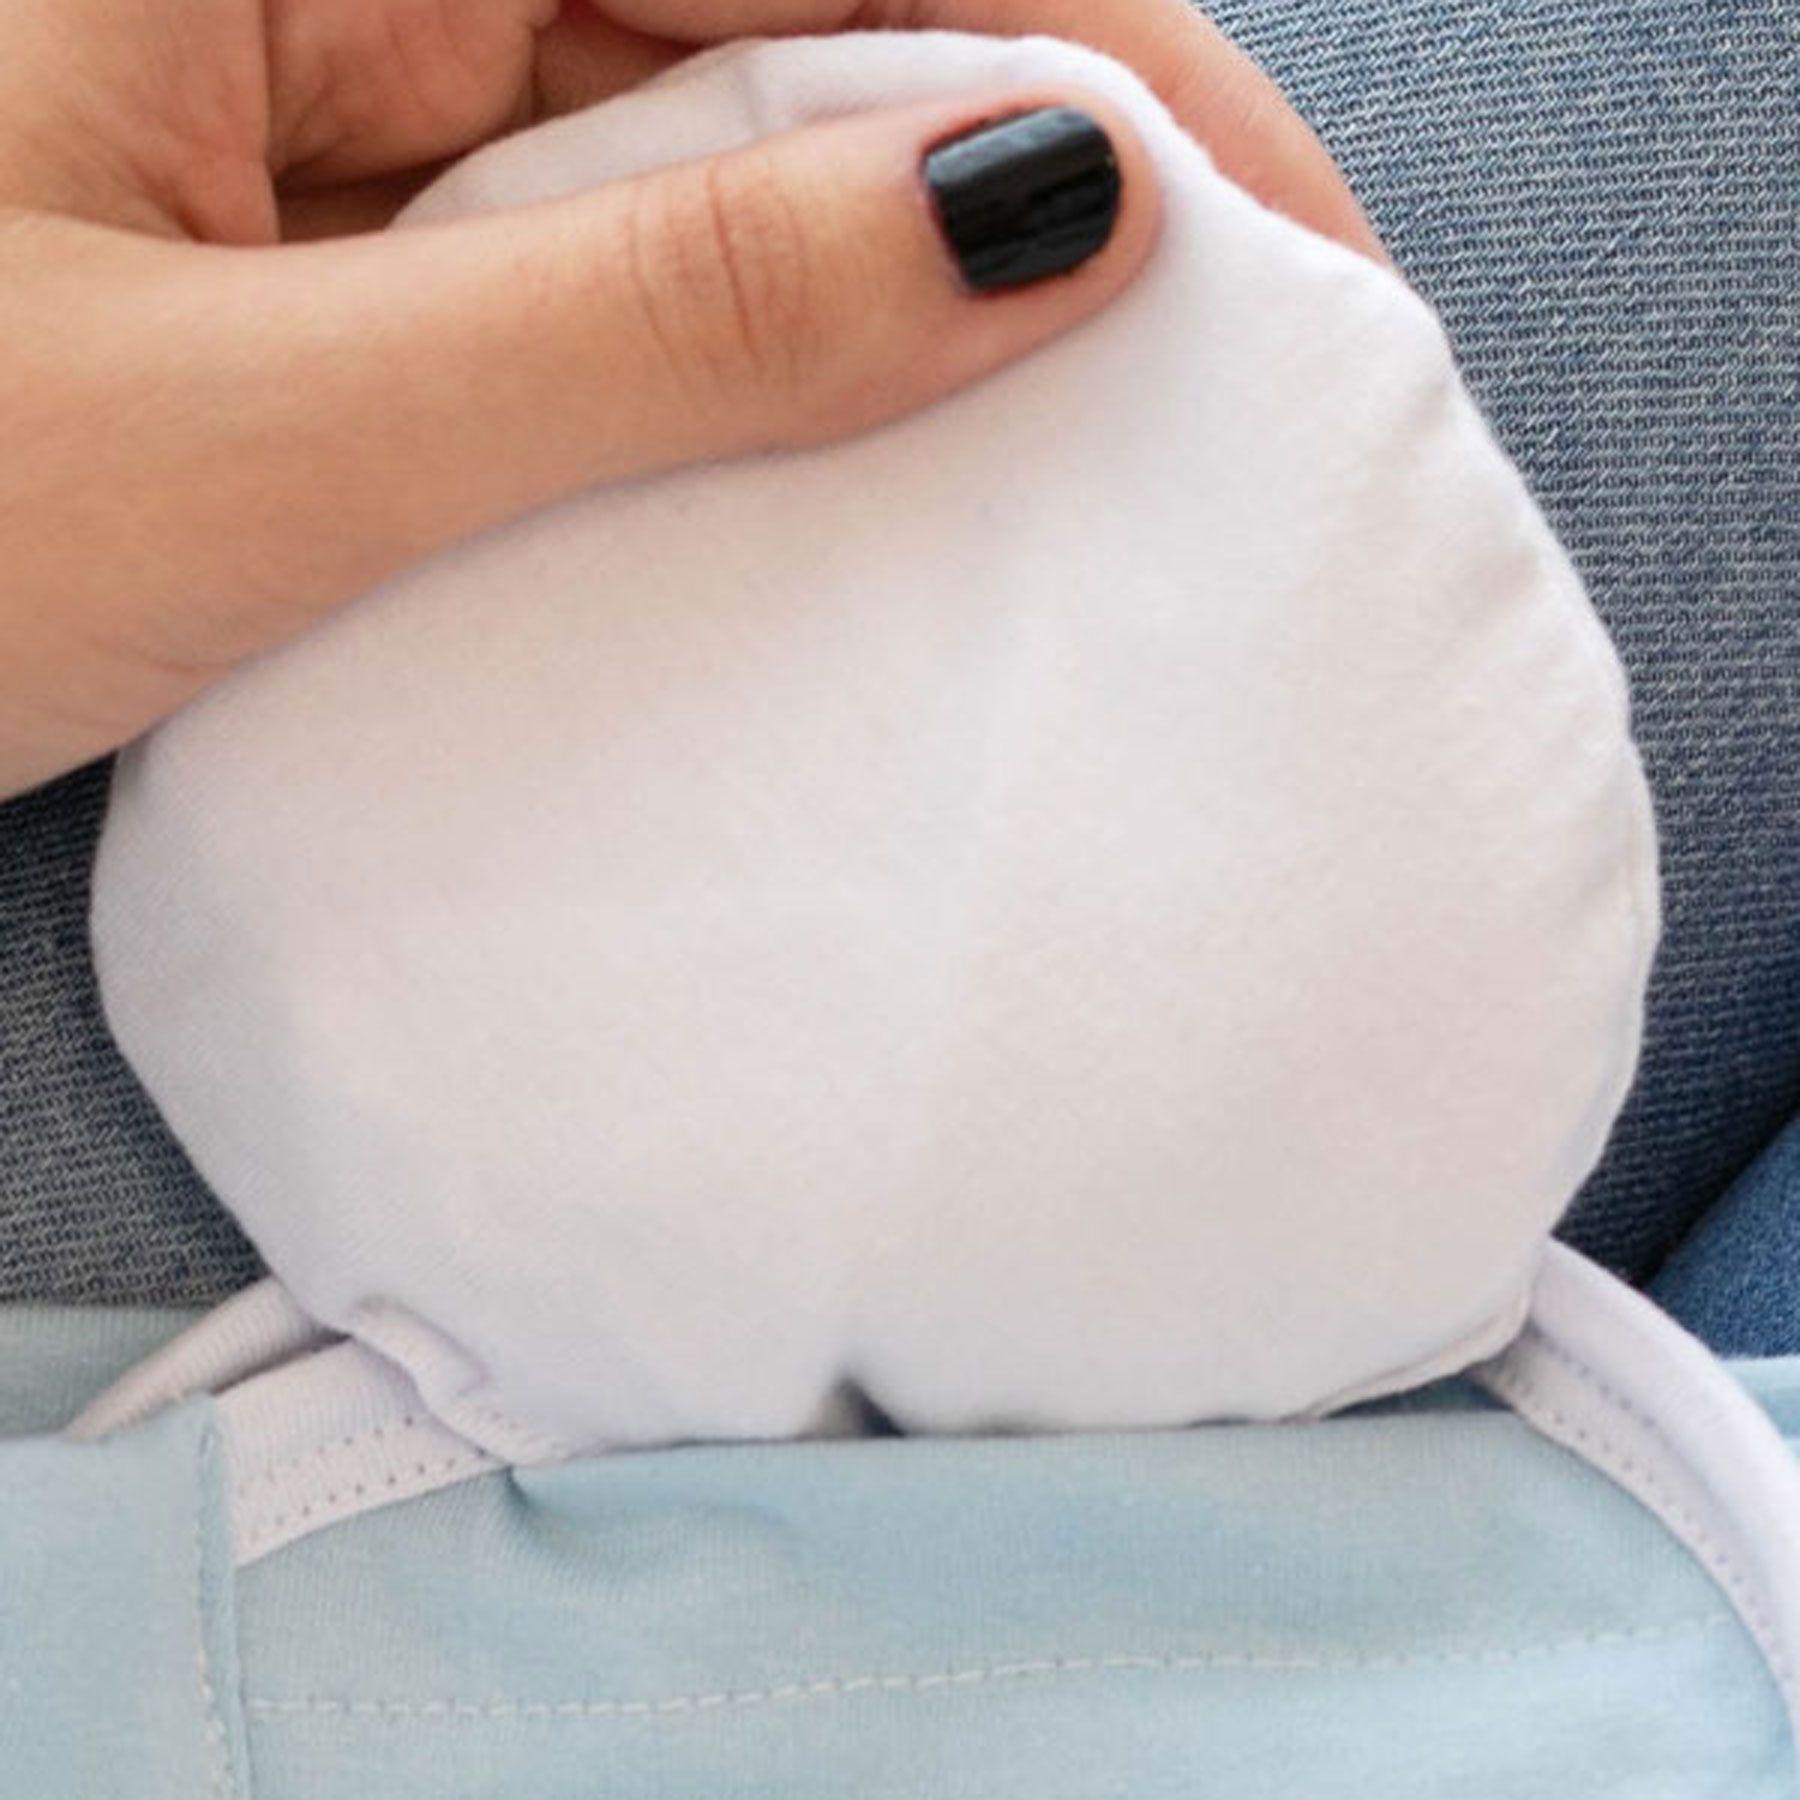 Kit 2 Peças Cinta Ajustável Bebê Azul e Bolsa Térmica Natural para Alívio de Cólica, Gases e Desconfortos